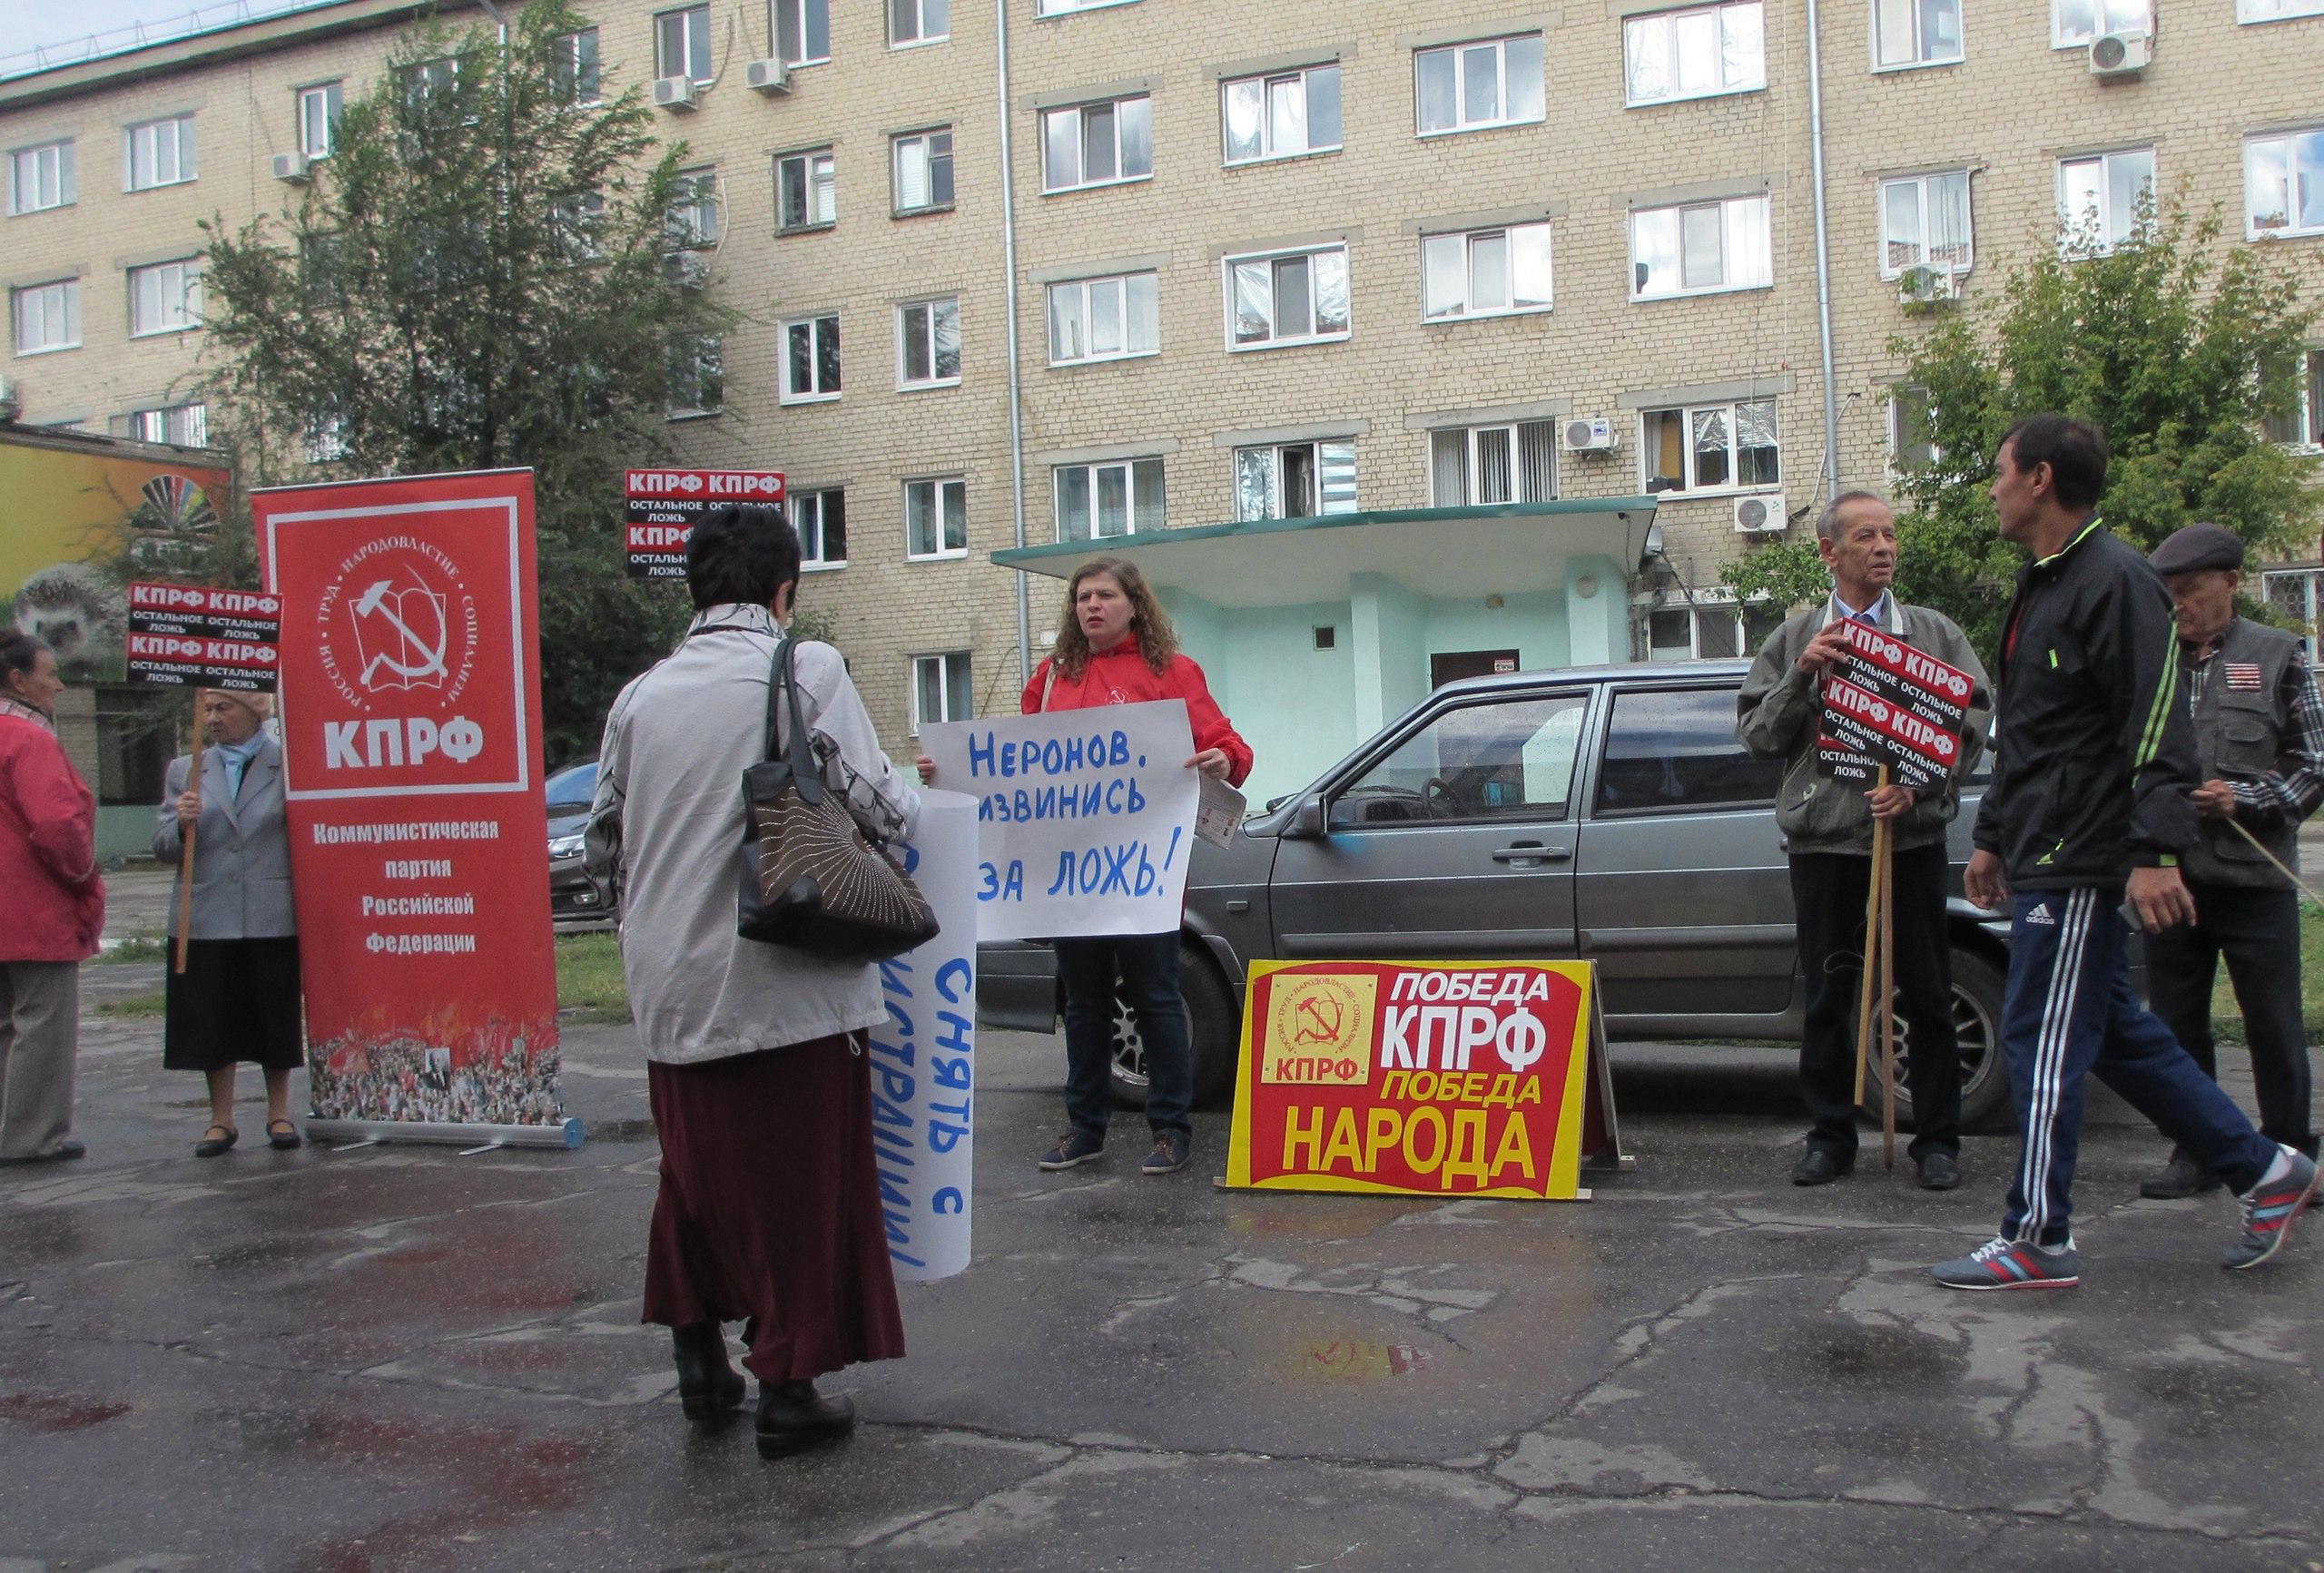 Сызрань: КПРФ против Читай и Думай